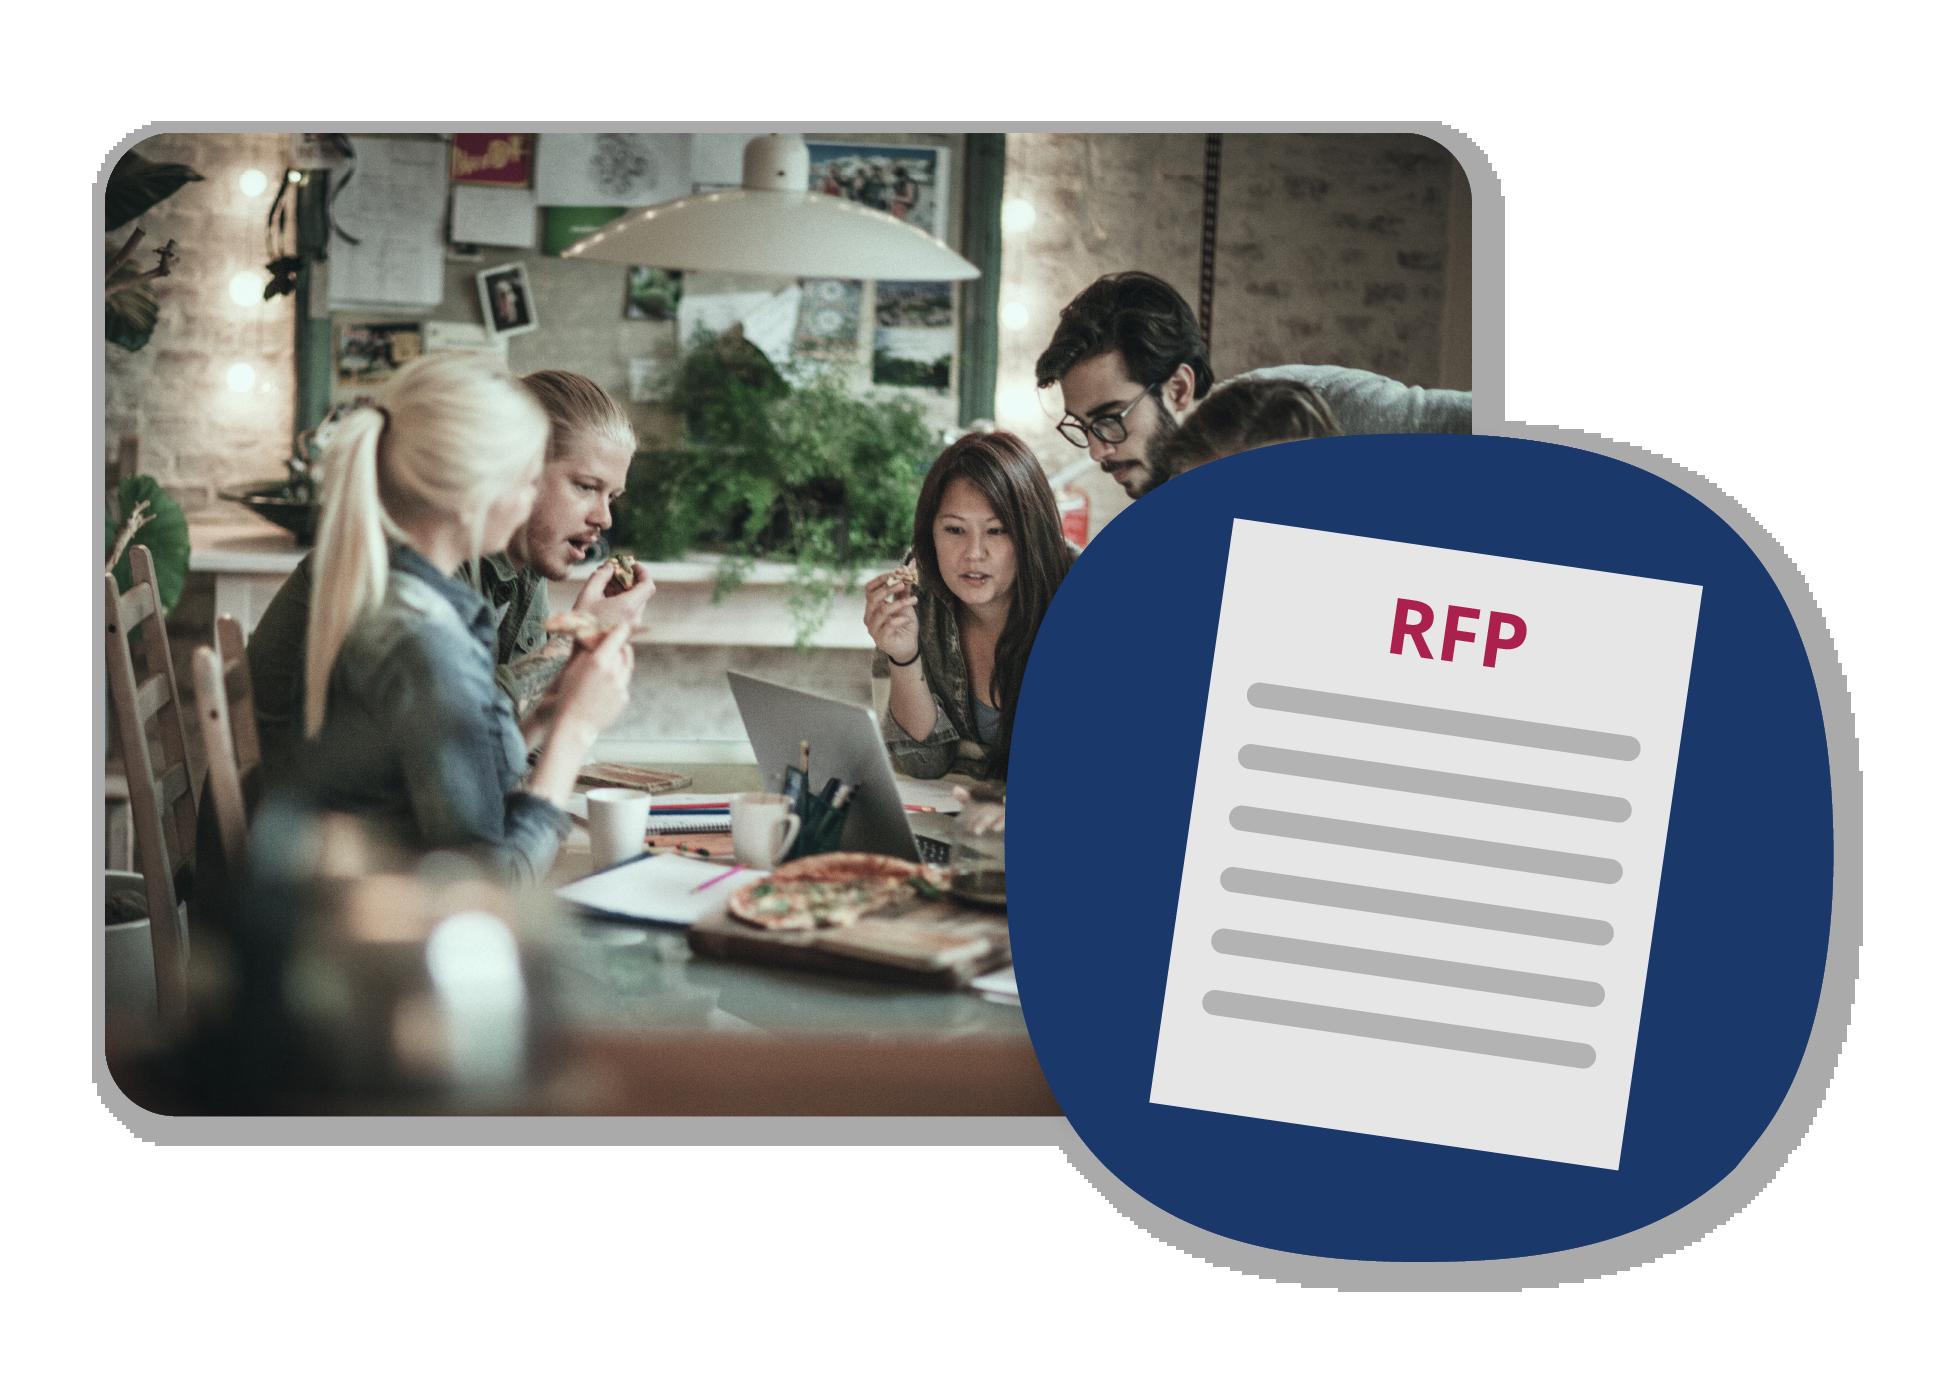 Asset-RFP-new